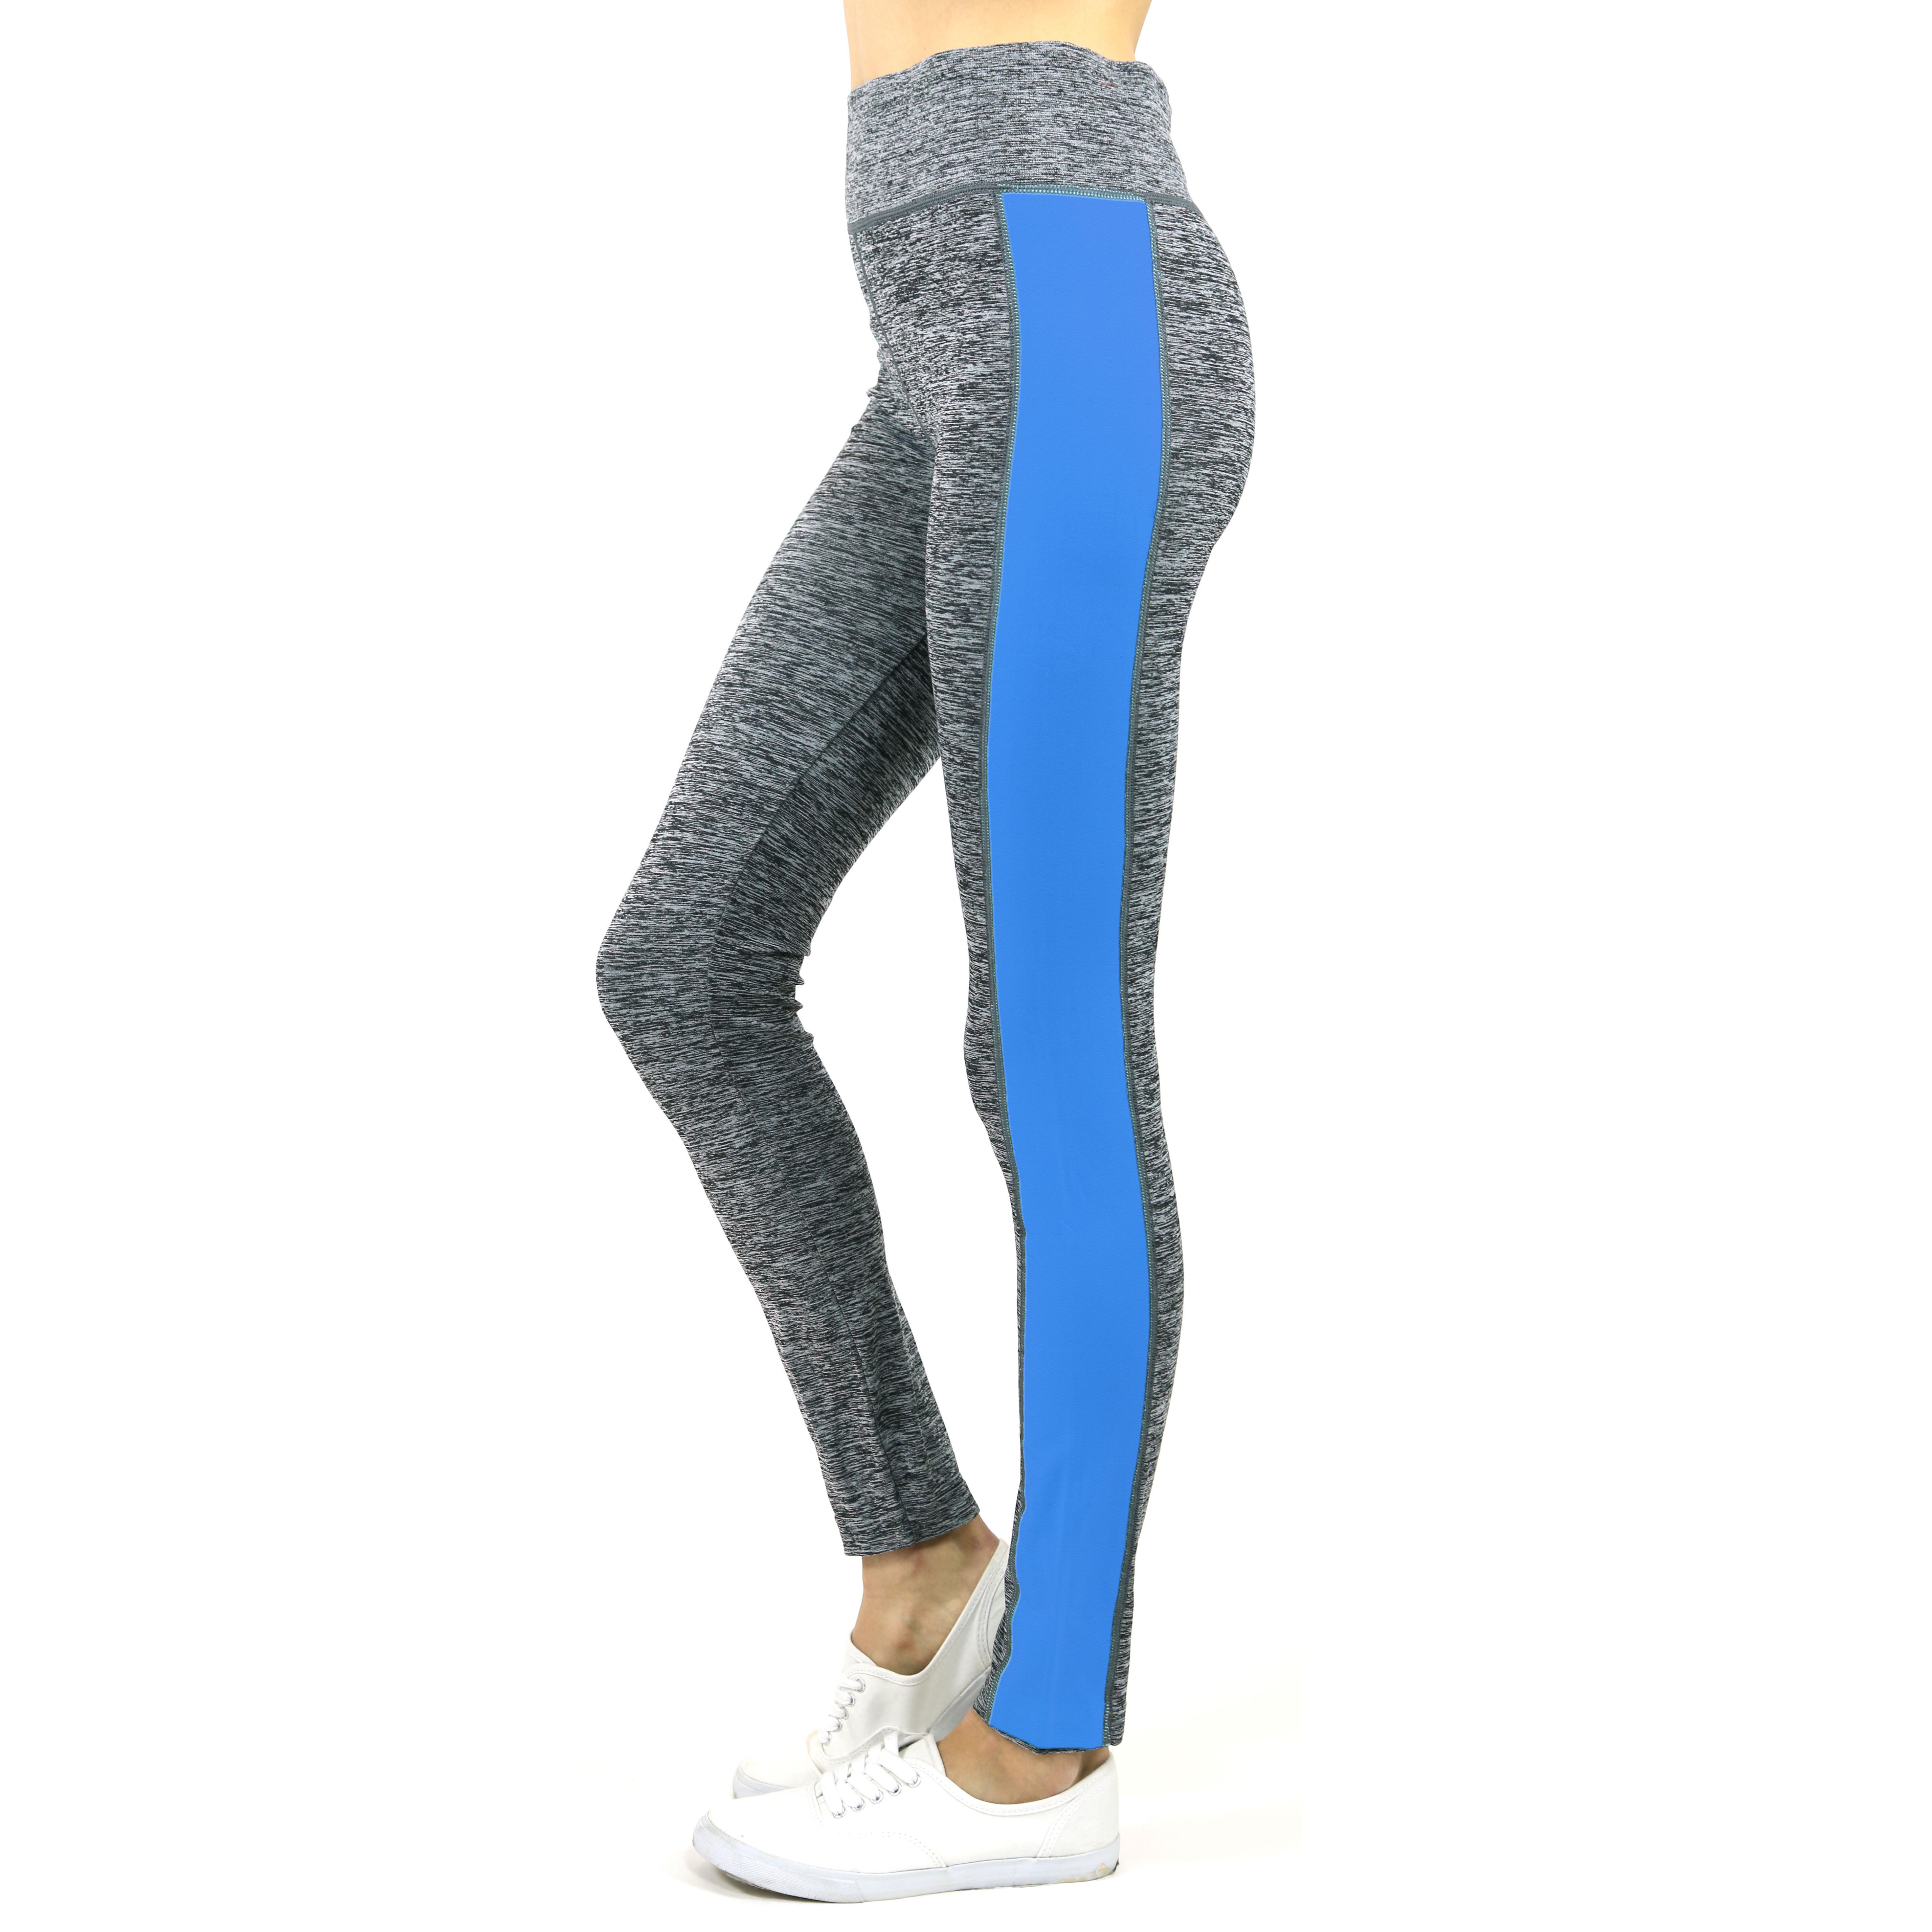 Womens Two-Tone Space Dye Leggings - Tanga